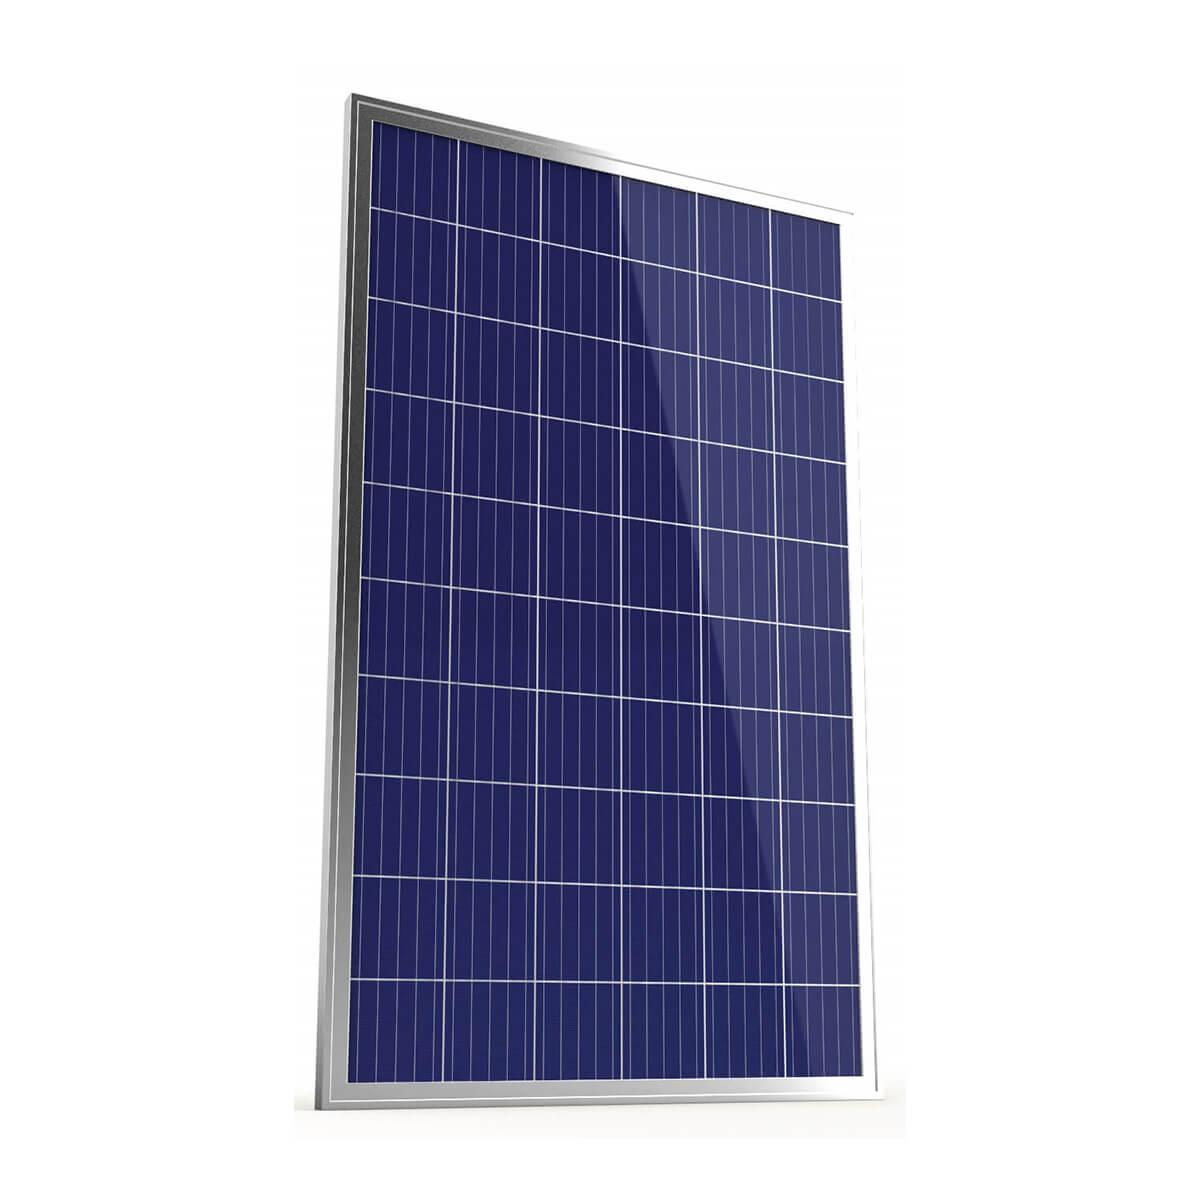 2h enerji winasol 280W panel, 2h enerji winasol 280Watt panel, 2h enerji winasol 280 W panel, 2h enerji winasol 280 Watt panel, 2h enerji winasol 280 Watt polikristal panel, 2h enerji winasol 280 W watt gunes paneli, 2h enerji winasol 280 W watt polikristal gunes paneli, 2h enerji winasol 280 W Watt fotovoltaik polikristal solar panel, 2h enerji winasol 280W polikristal gunes enerjisi, 2h enerji winasol 60-280W panel, WINASOL 280 WATT